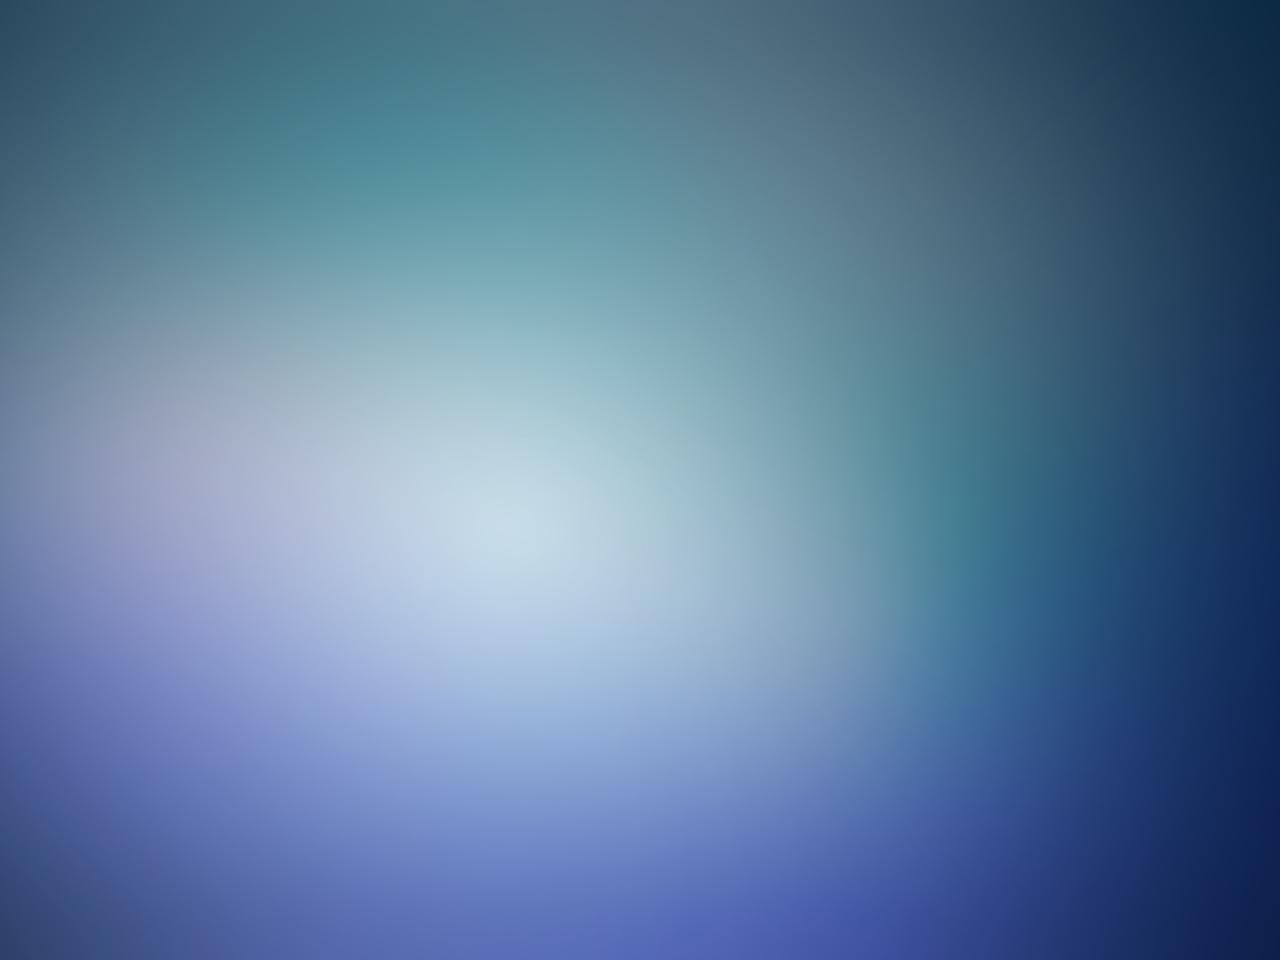 Blue minimalistic blurry gaussian blur (1280x960)